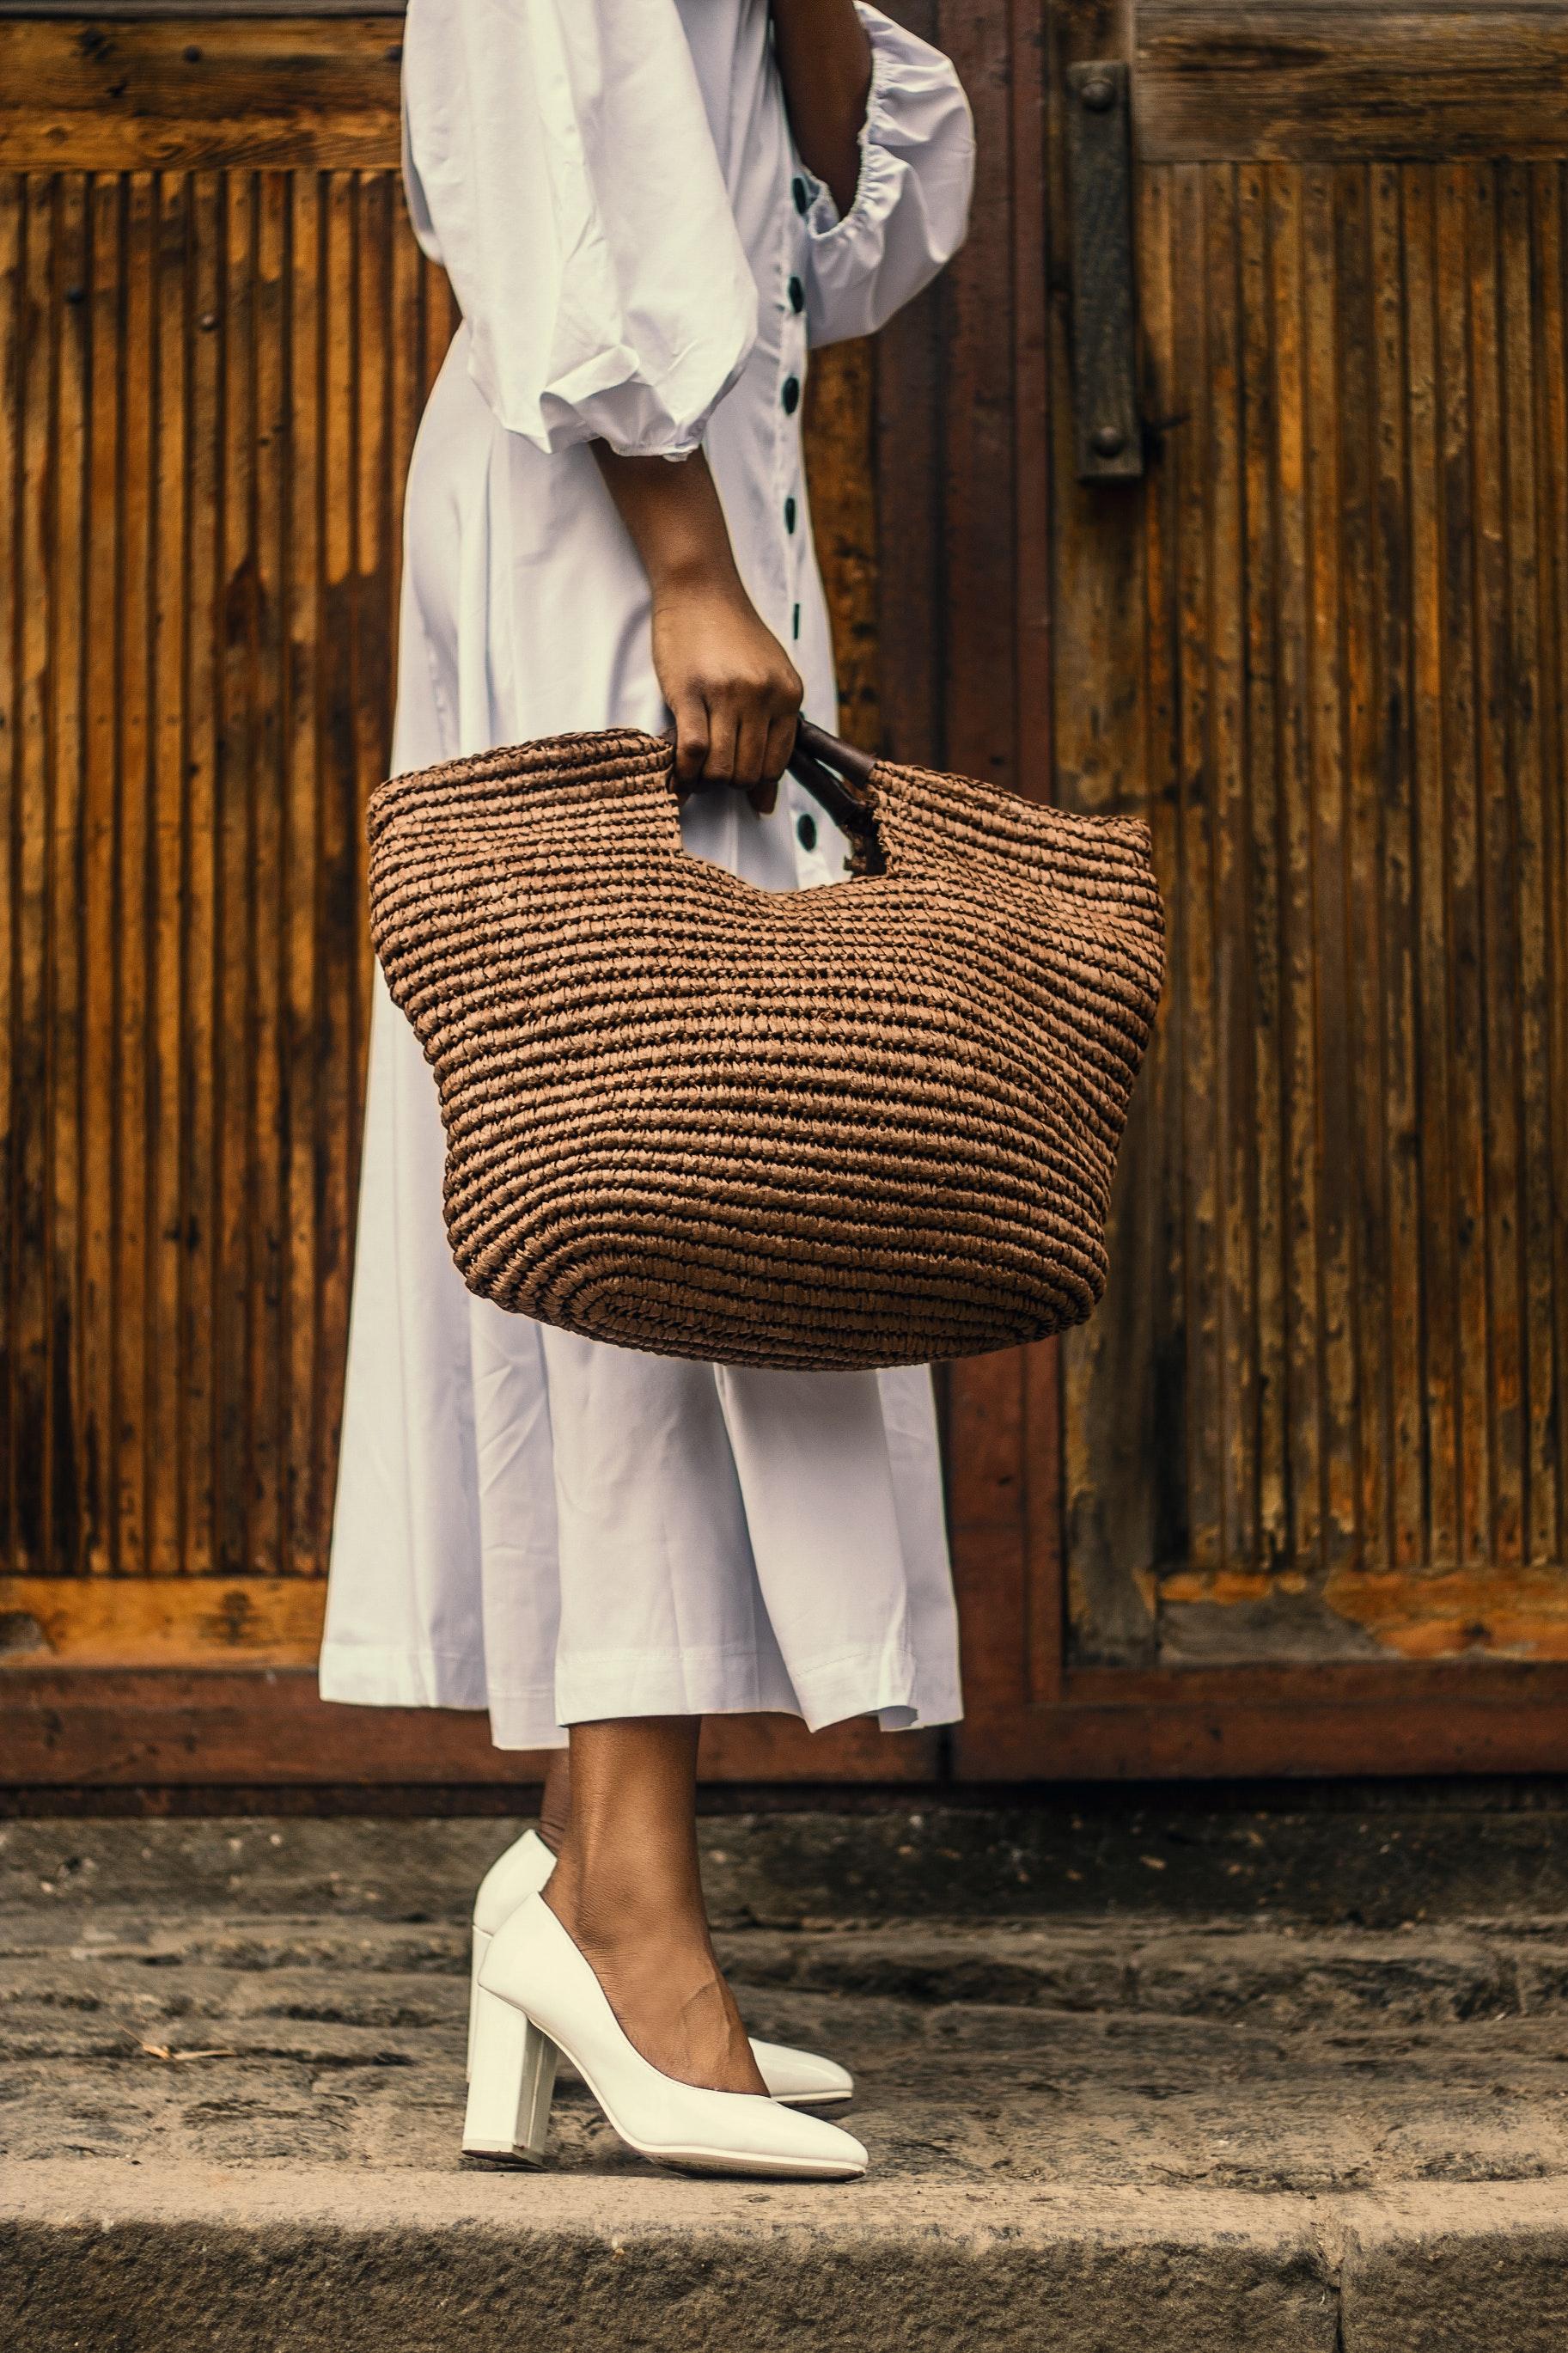 cô gái mặc đầm trắng dài mang giày cao gót vuông và túi xách đan cói